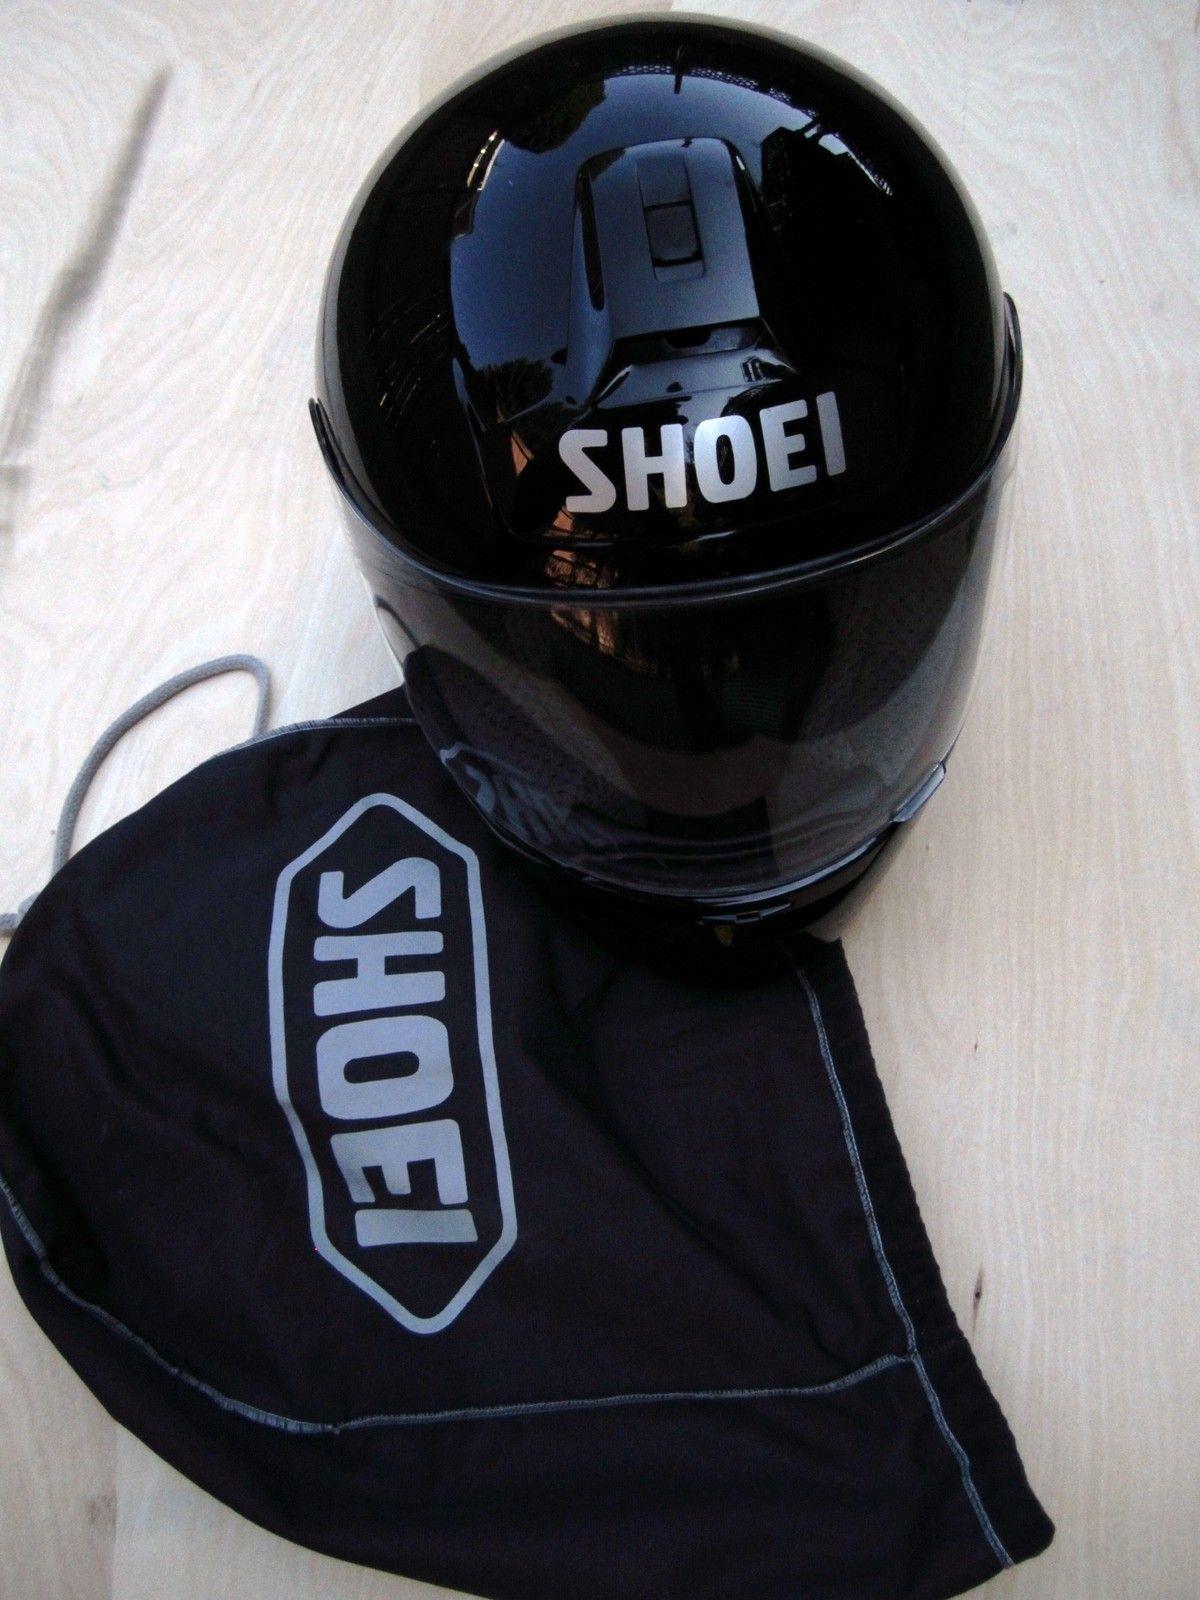 Shoei Women S Motorcycle Helmet Ladies Pre Owned Rf 800 Glossy